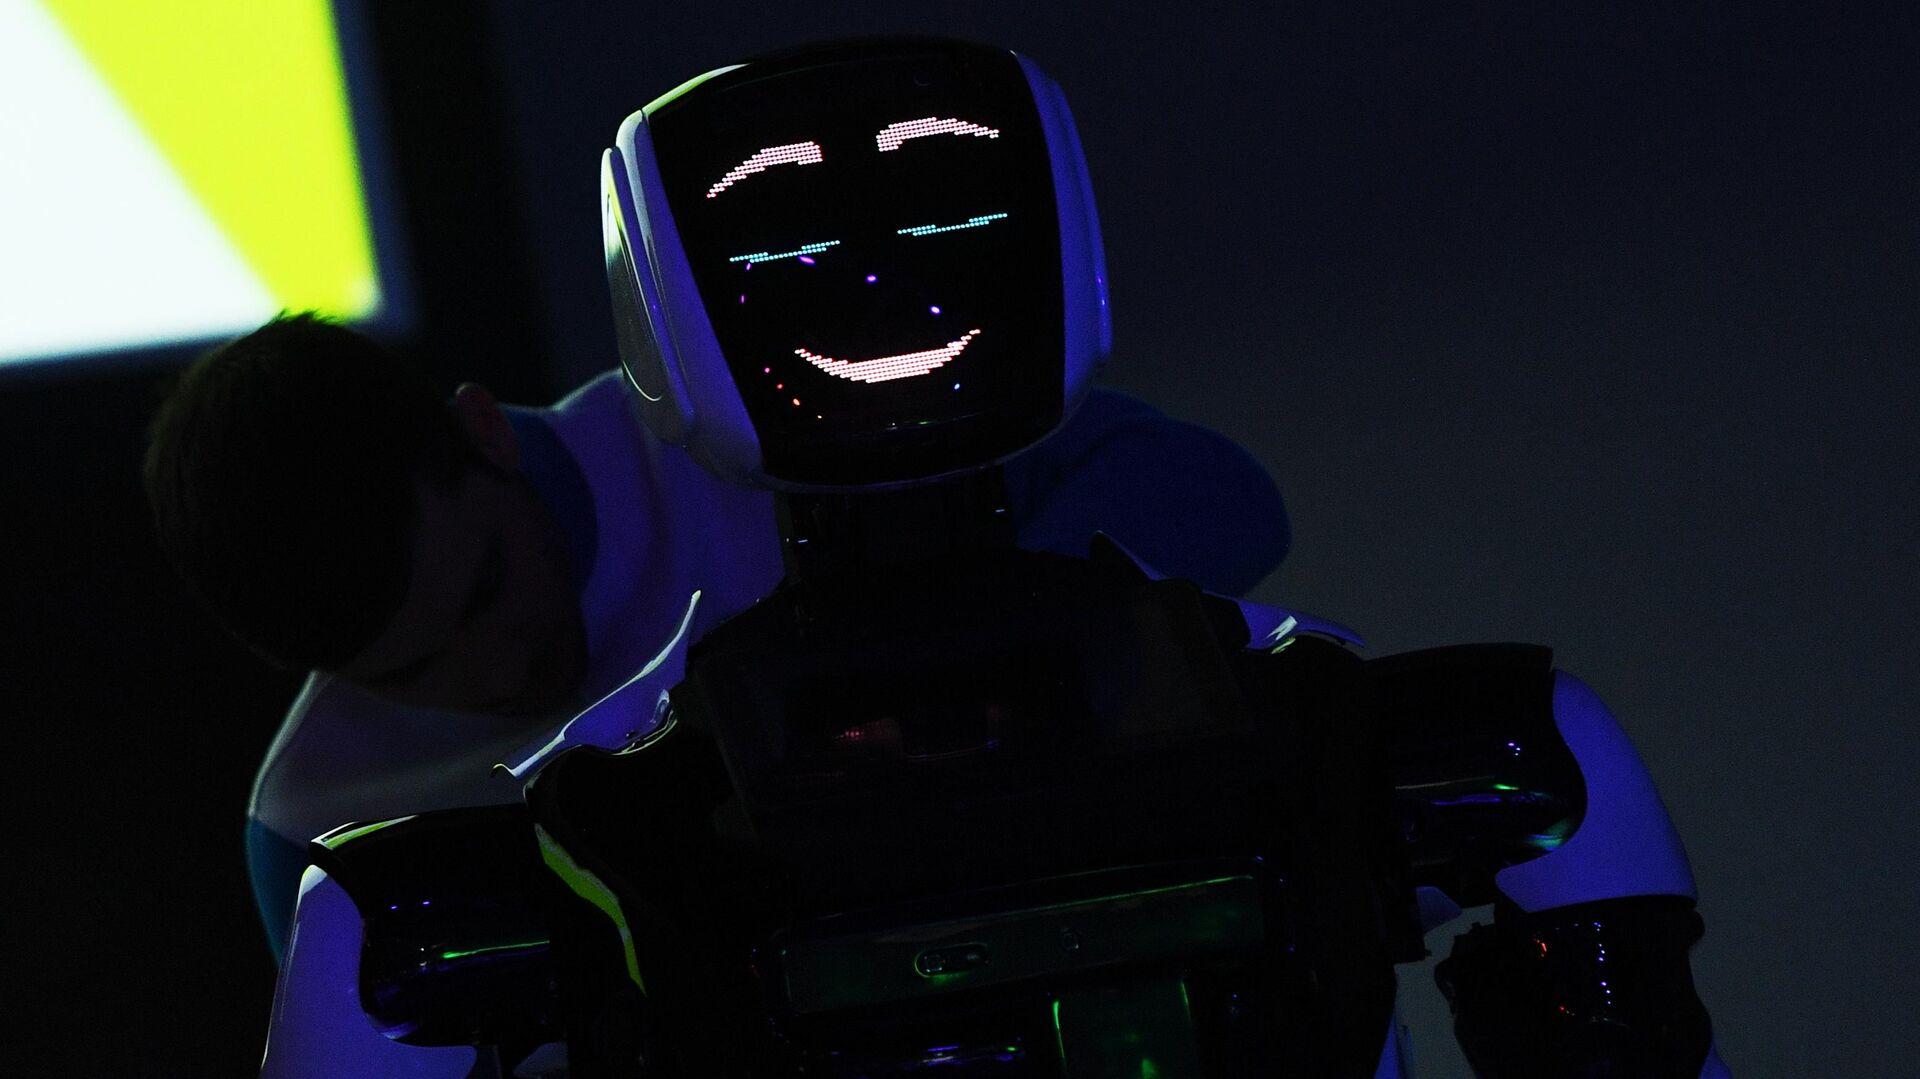 Презентация нового робота компании Промобот на форуме Skolkovo Robotics - РИА Новости, 1920, 22.10.2020